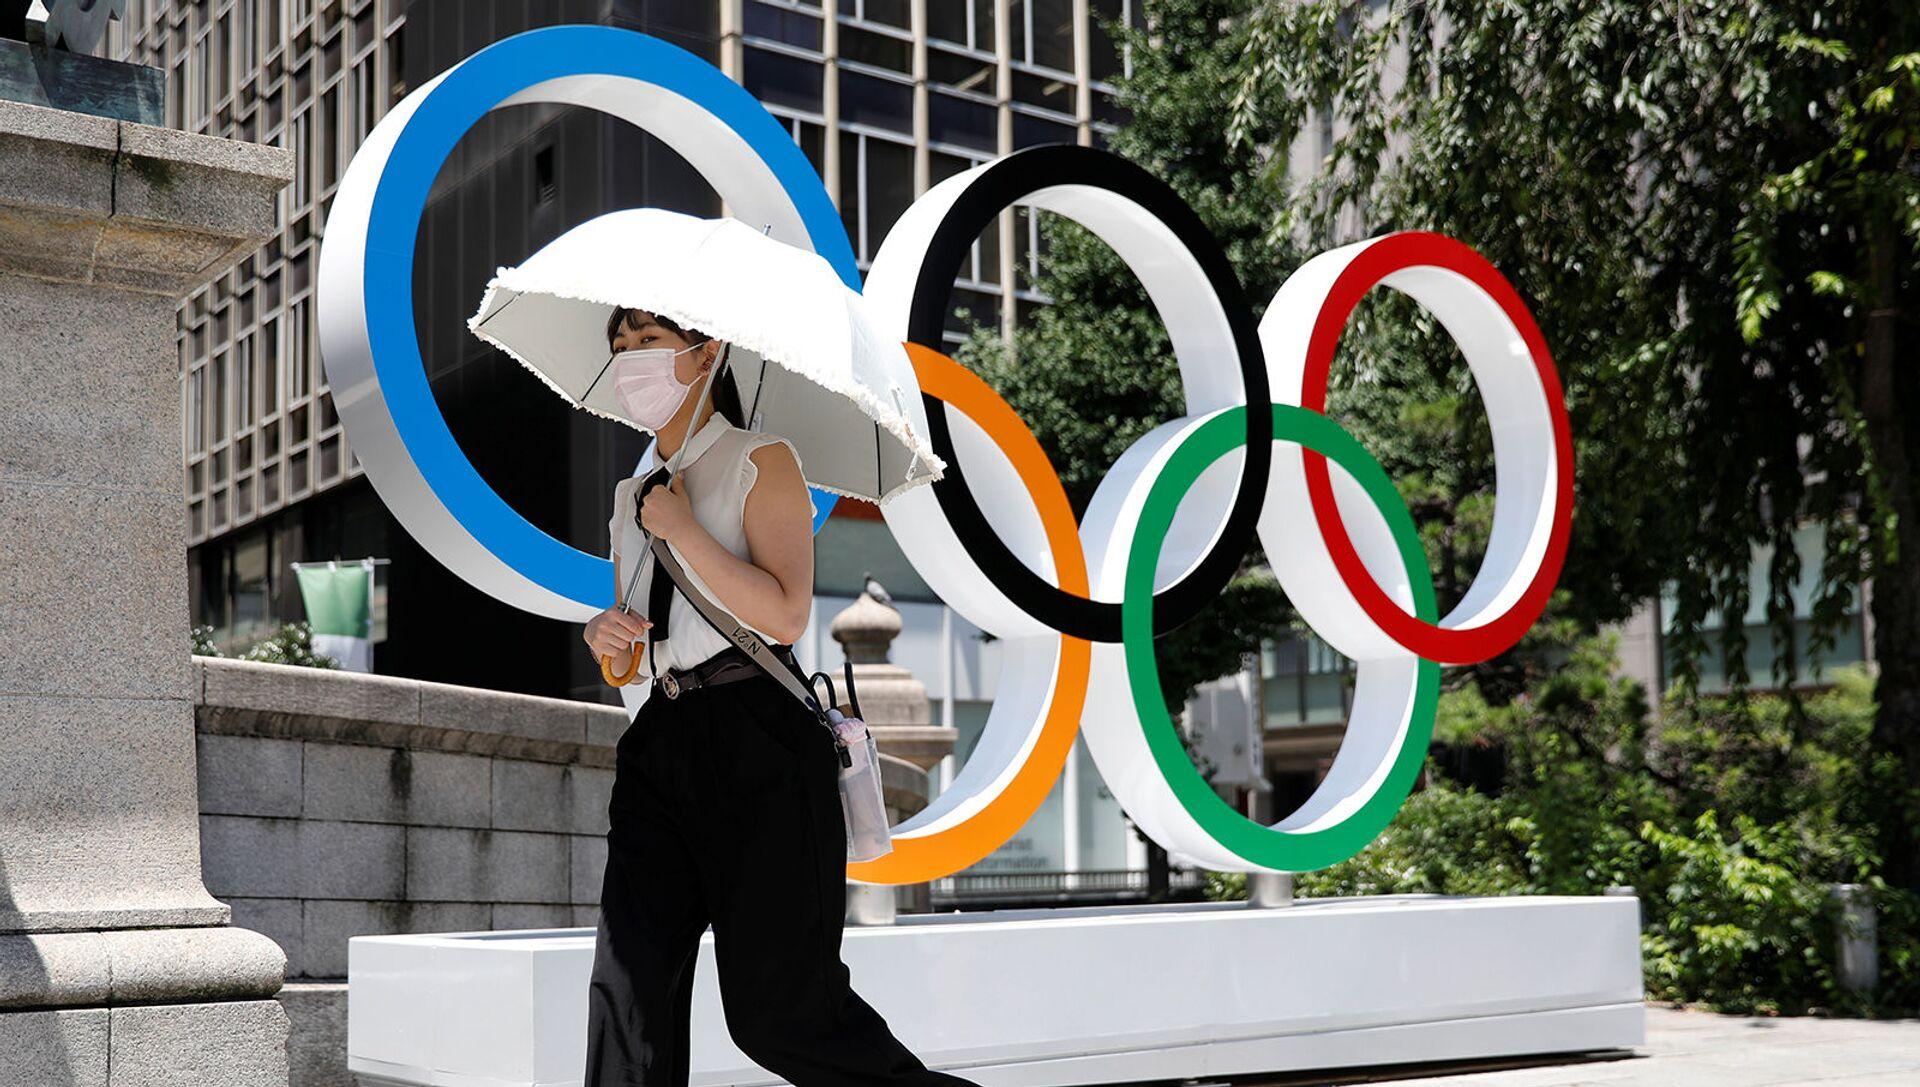 Женщина проходит мимо Олимпийских колец в Токио - Sputnik Արմենիա, 1920, 03.08.2021